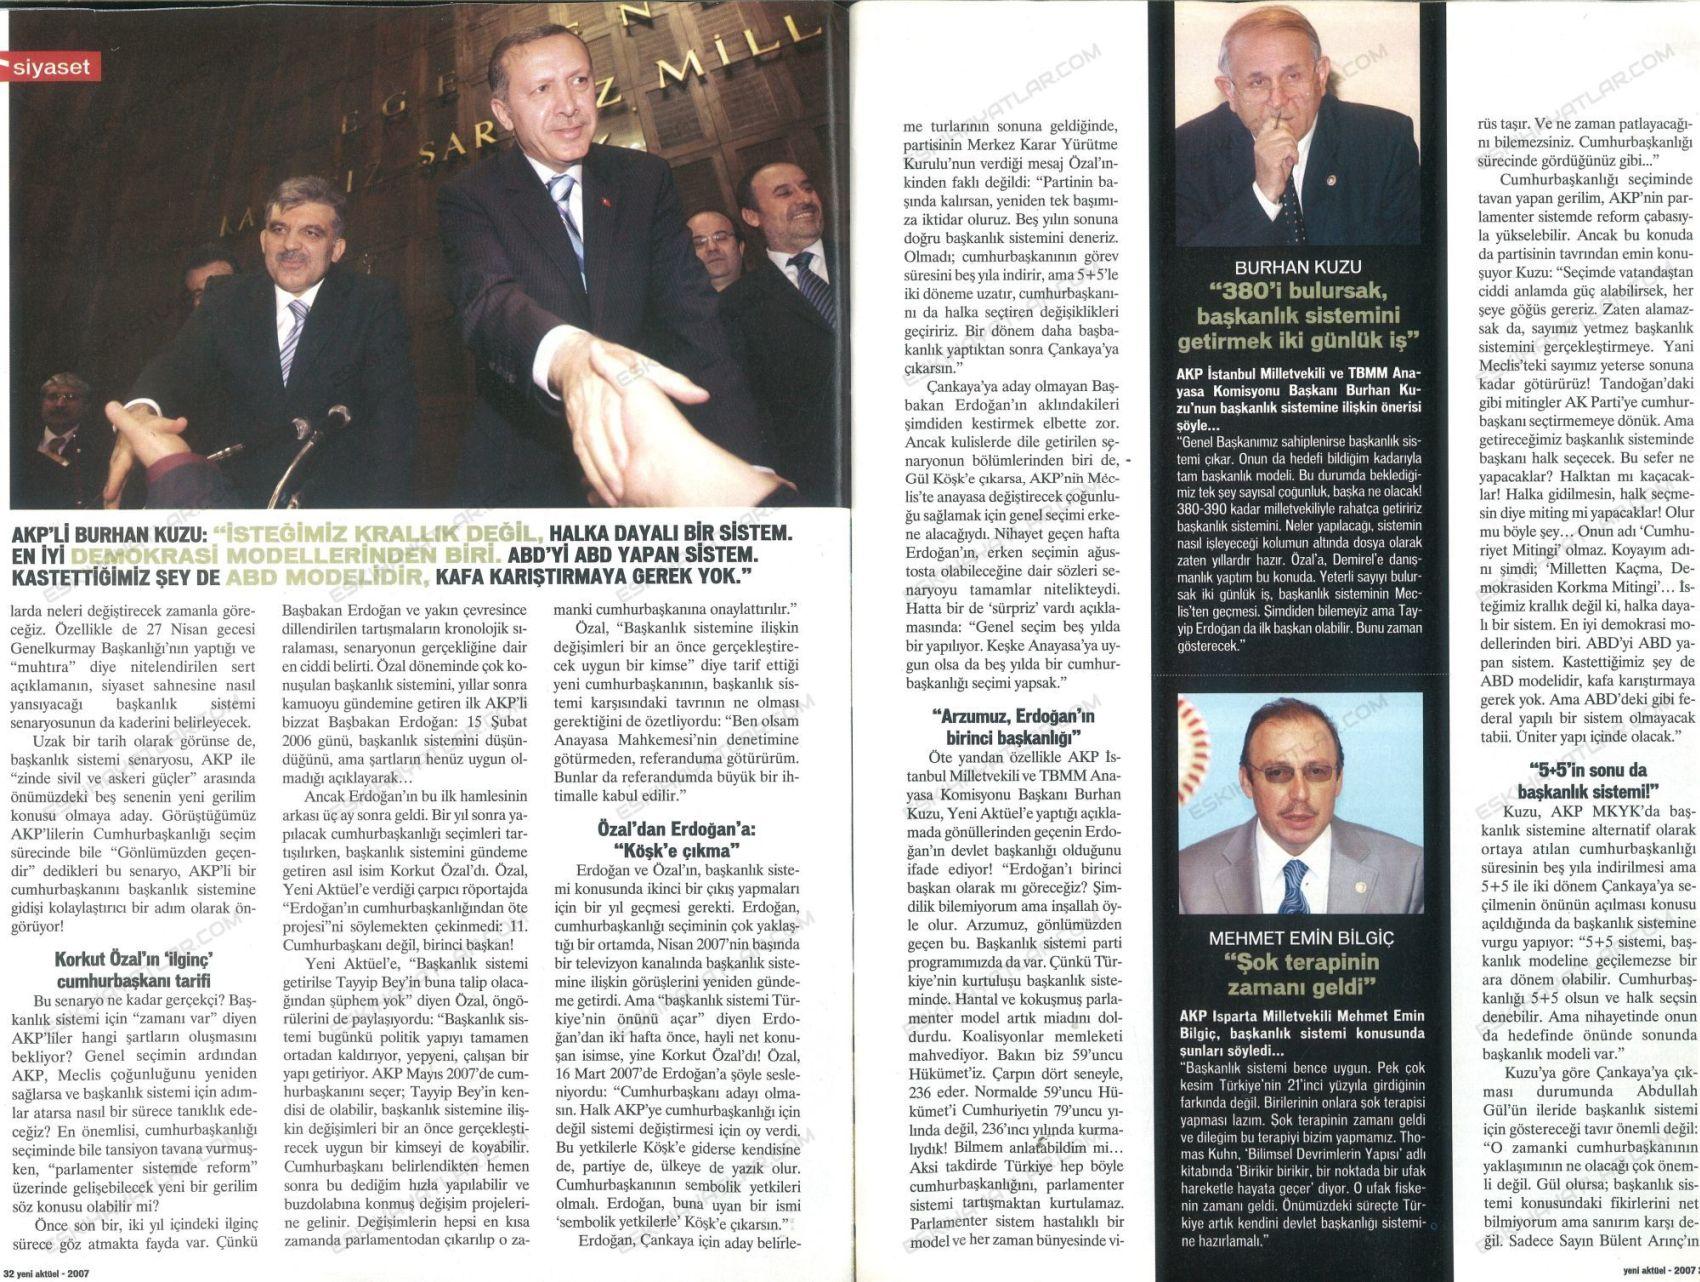 0666-burhan-kuzu-2007-aktuel-dergisi-akp-arzusu-tayyip-erdoganin-baskan-olmasi (2)